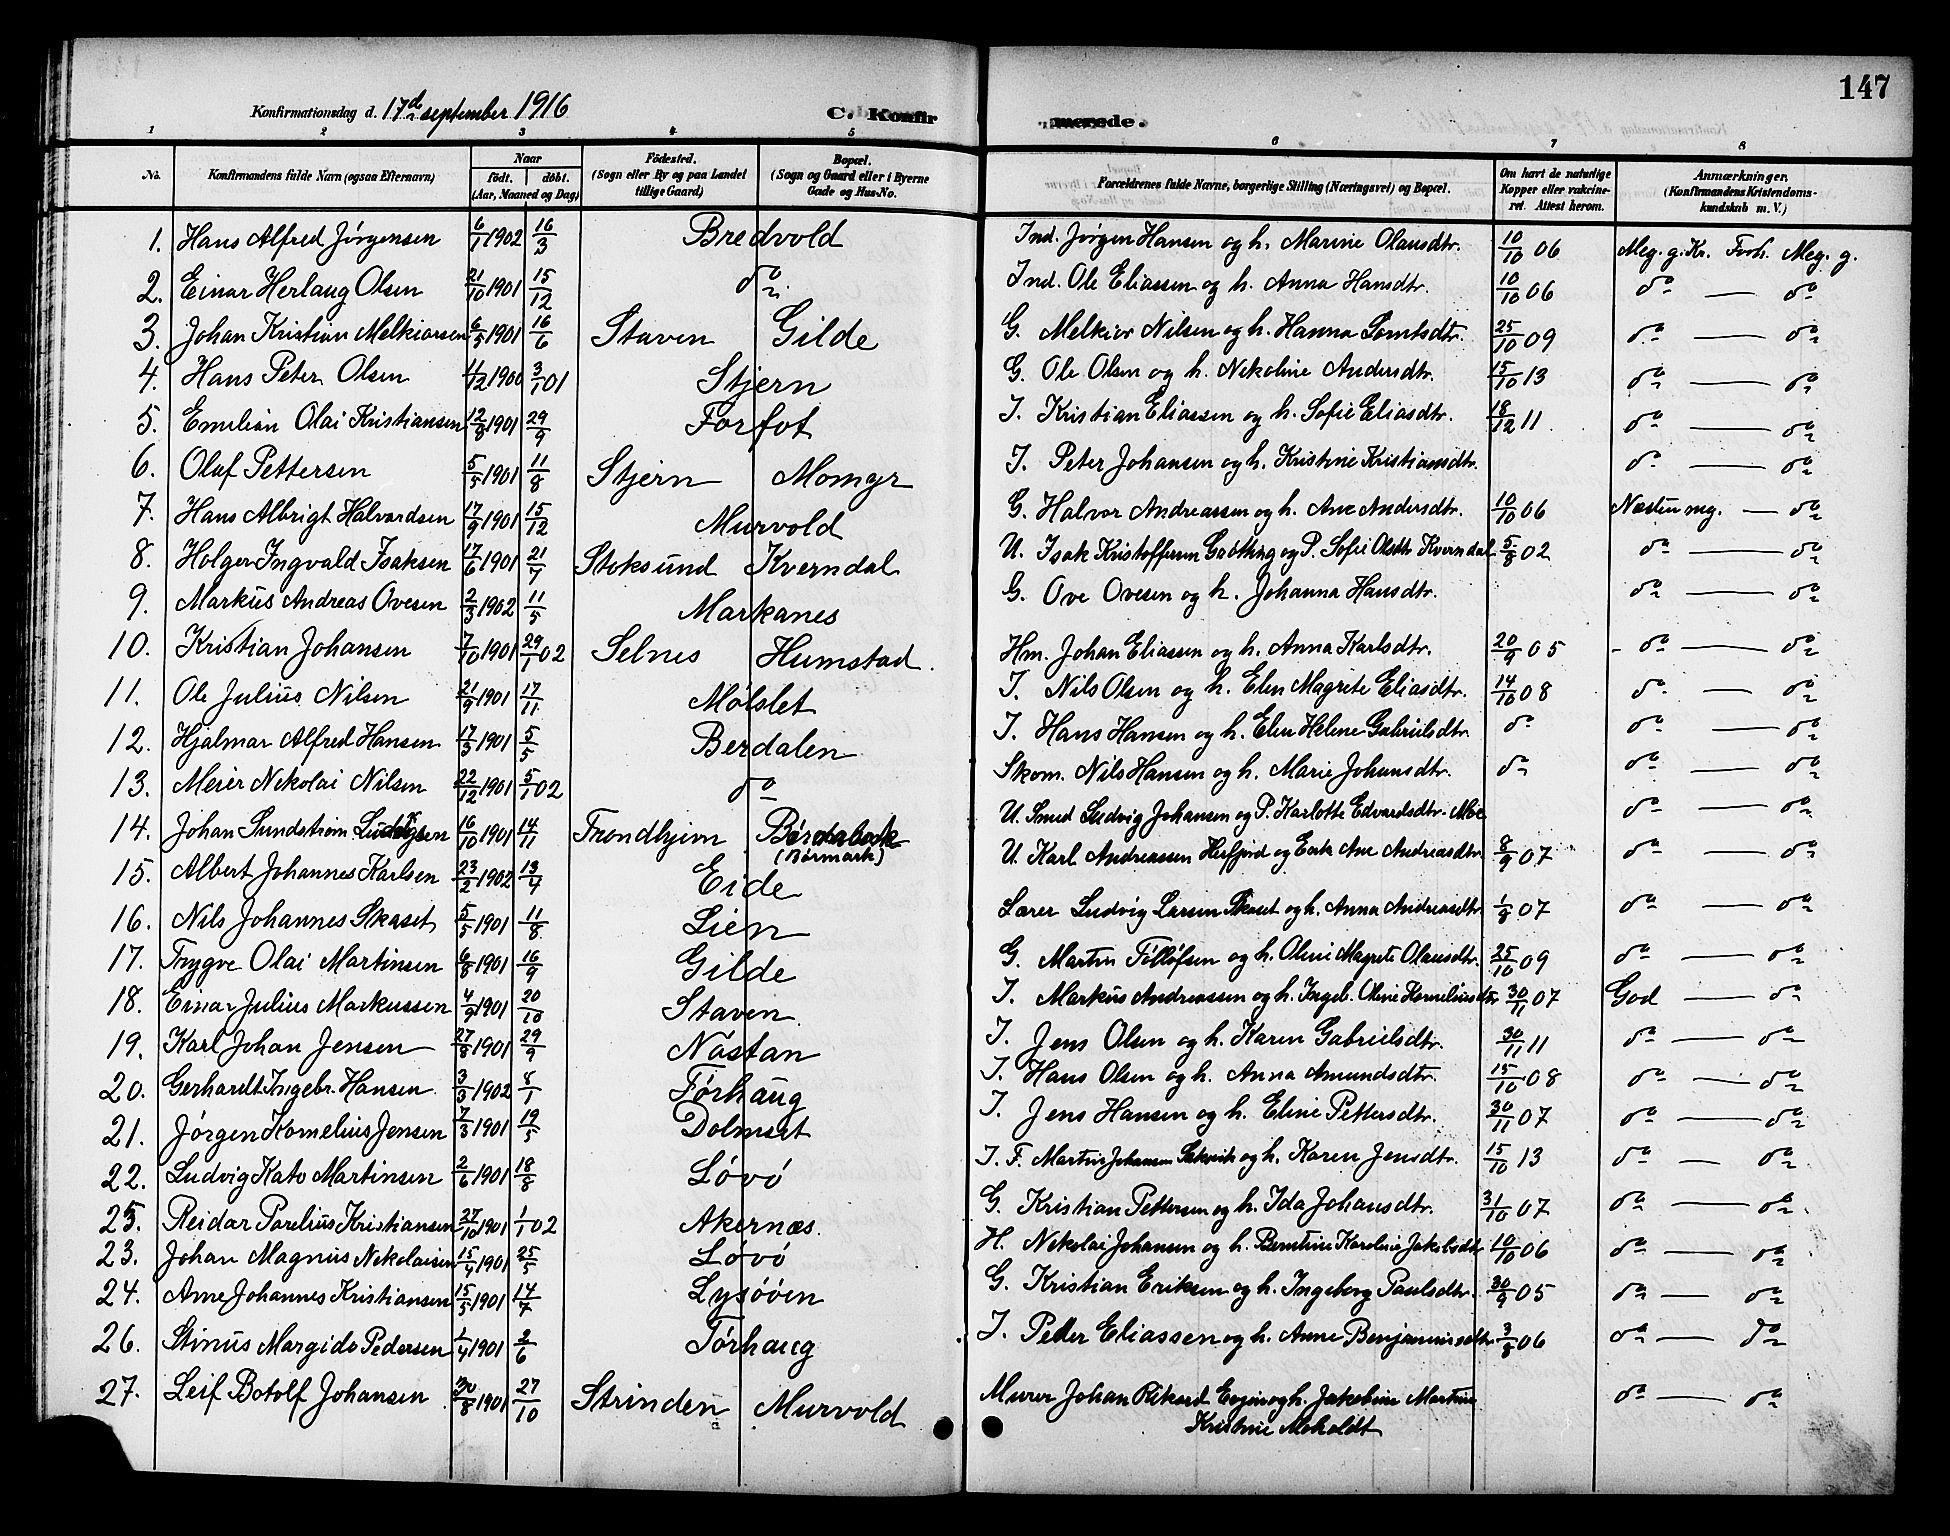 SAT, Ministerialprotokoller, klokkerbøker og fødselsregistre - Sør-Trøndelag, 655/L0688: Klokkerbok nr. 655C04, 1899-1922, s. 147